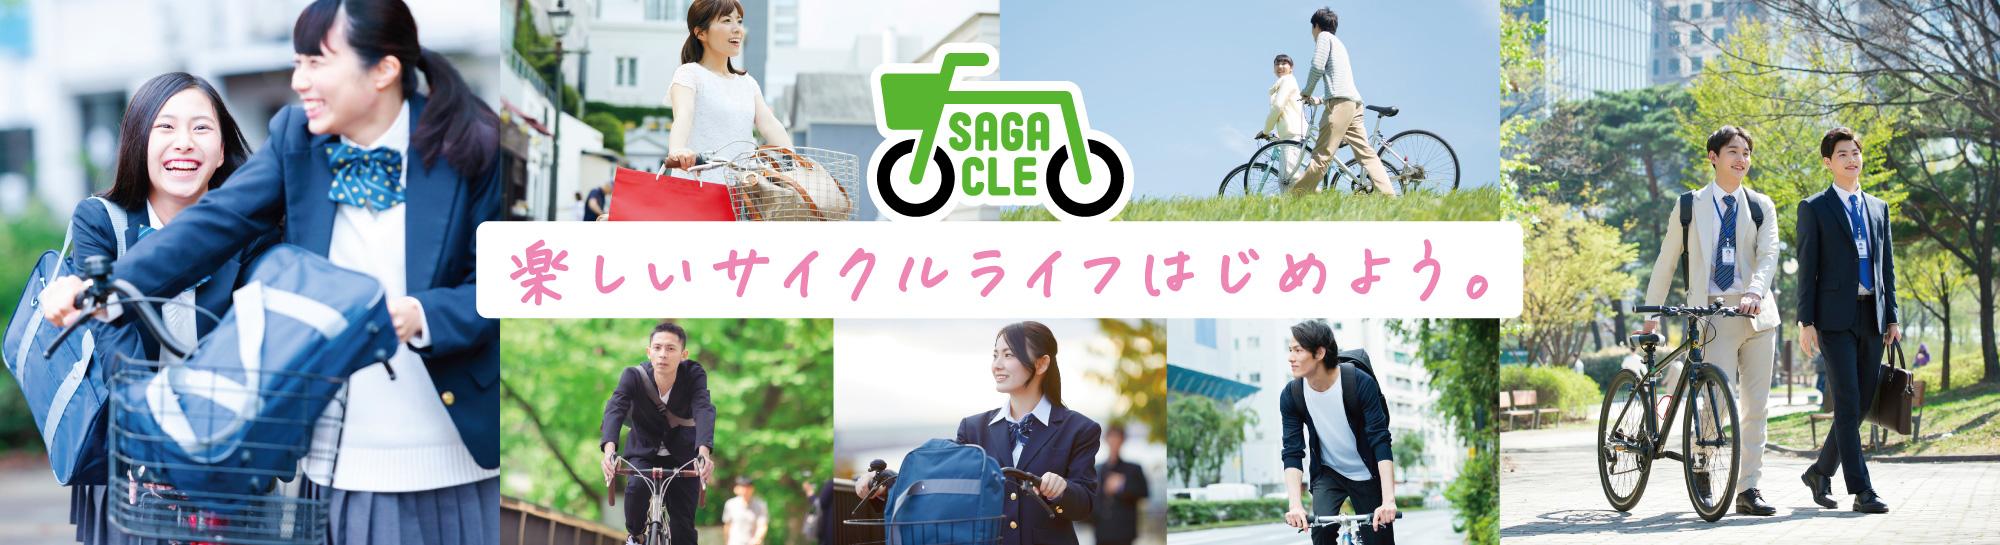 楽しいサイクルライフを始めよう